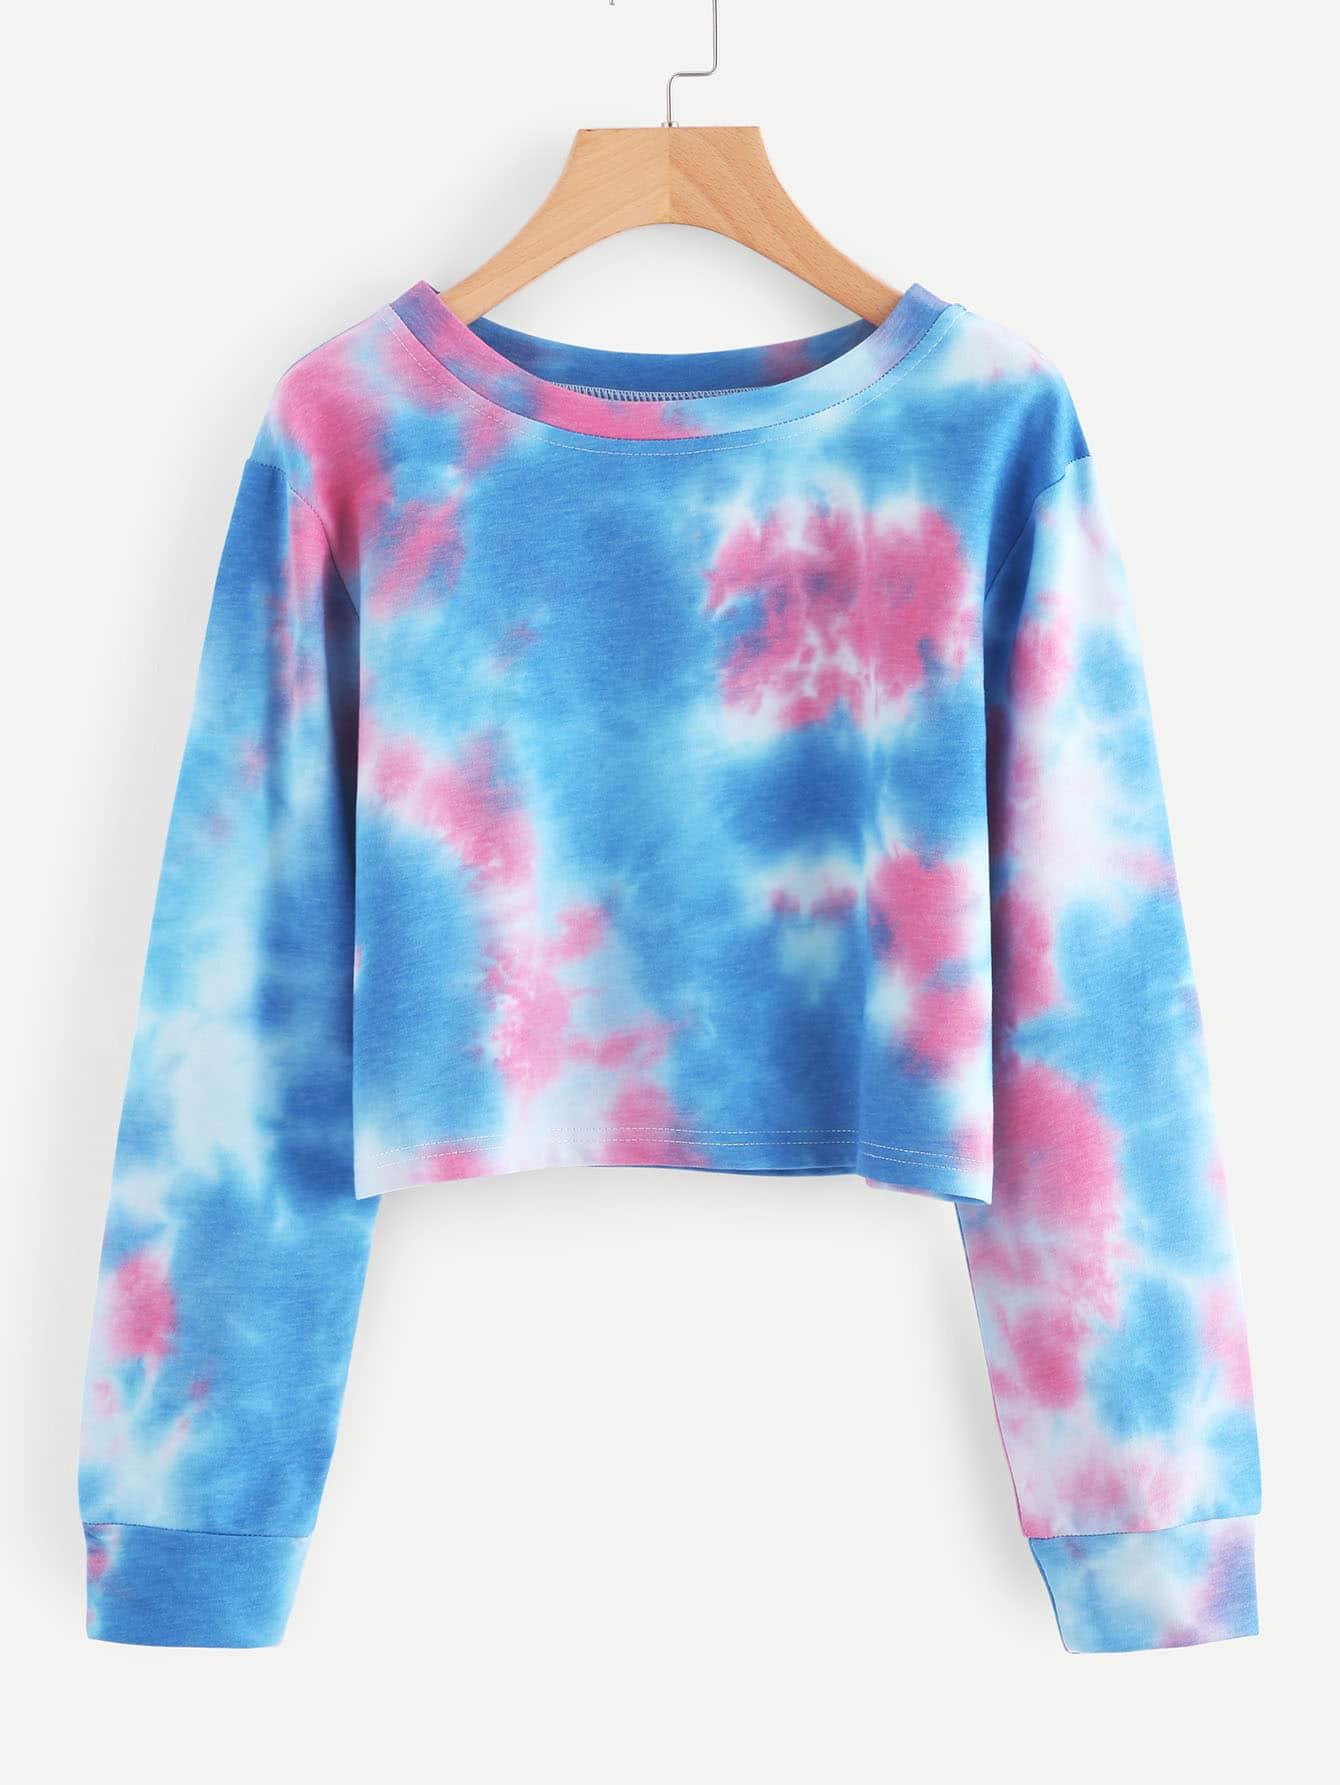 Water Color Sweatshirt